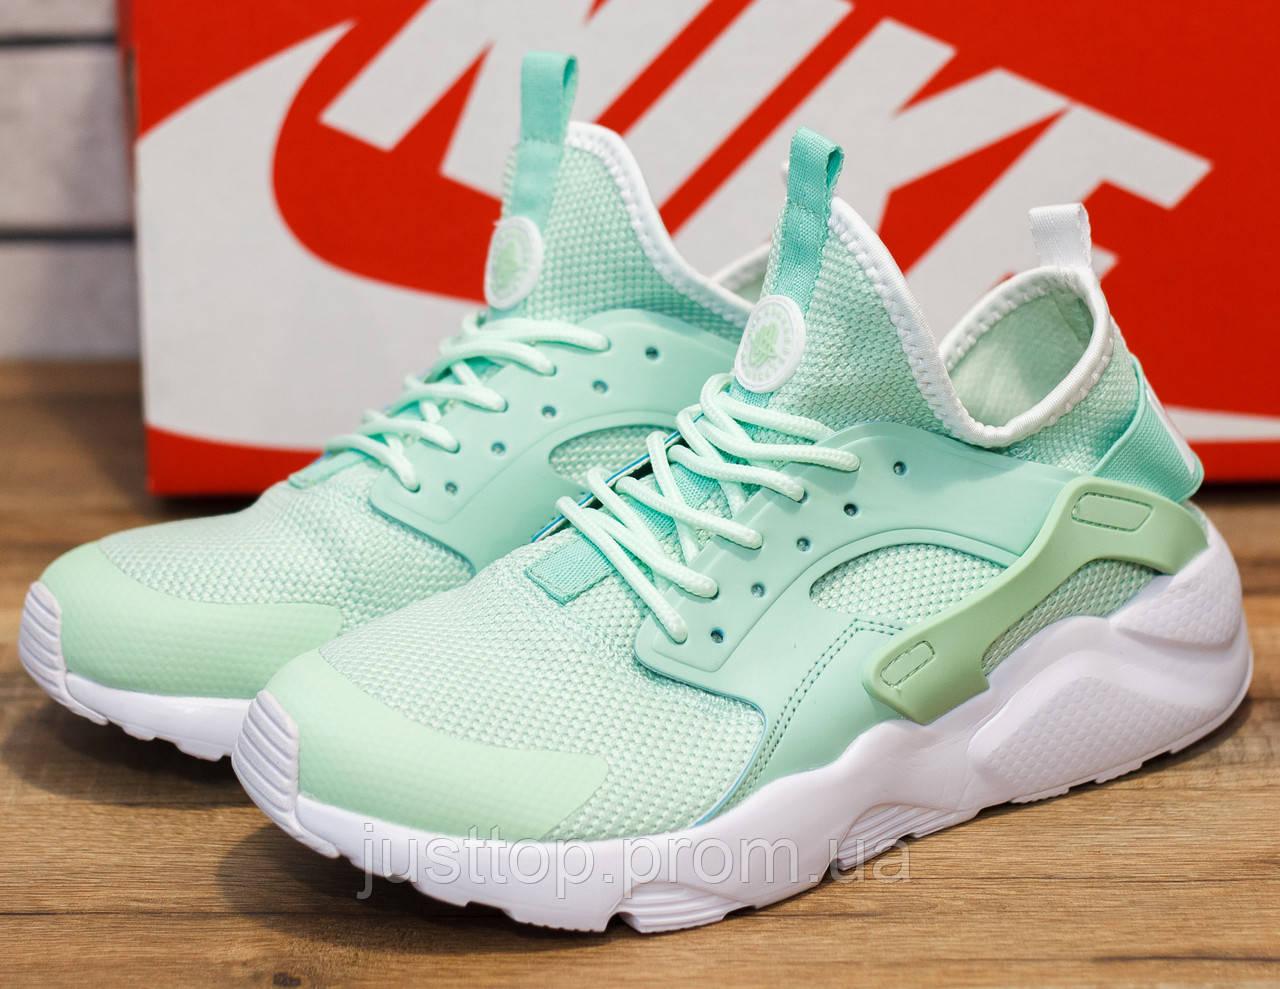 8d243cf833e1f7 Кроссовки Женские Nike Huarache (реплика) 10736 — в Категории ...